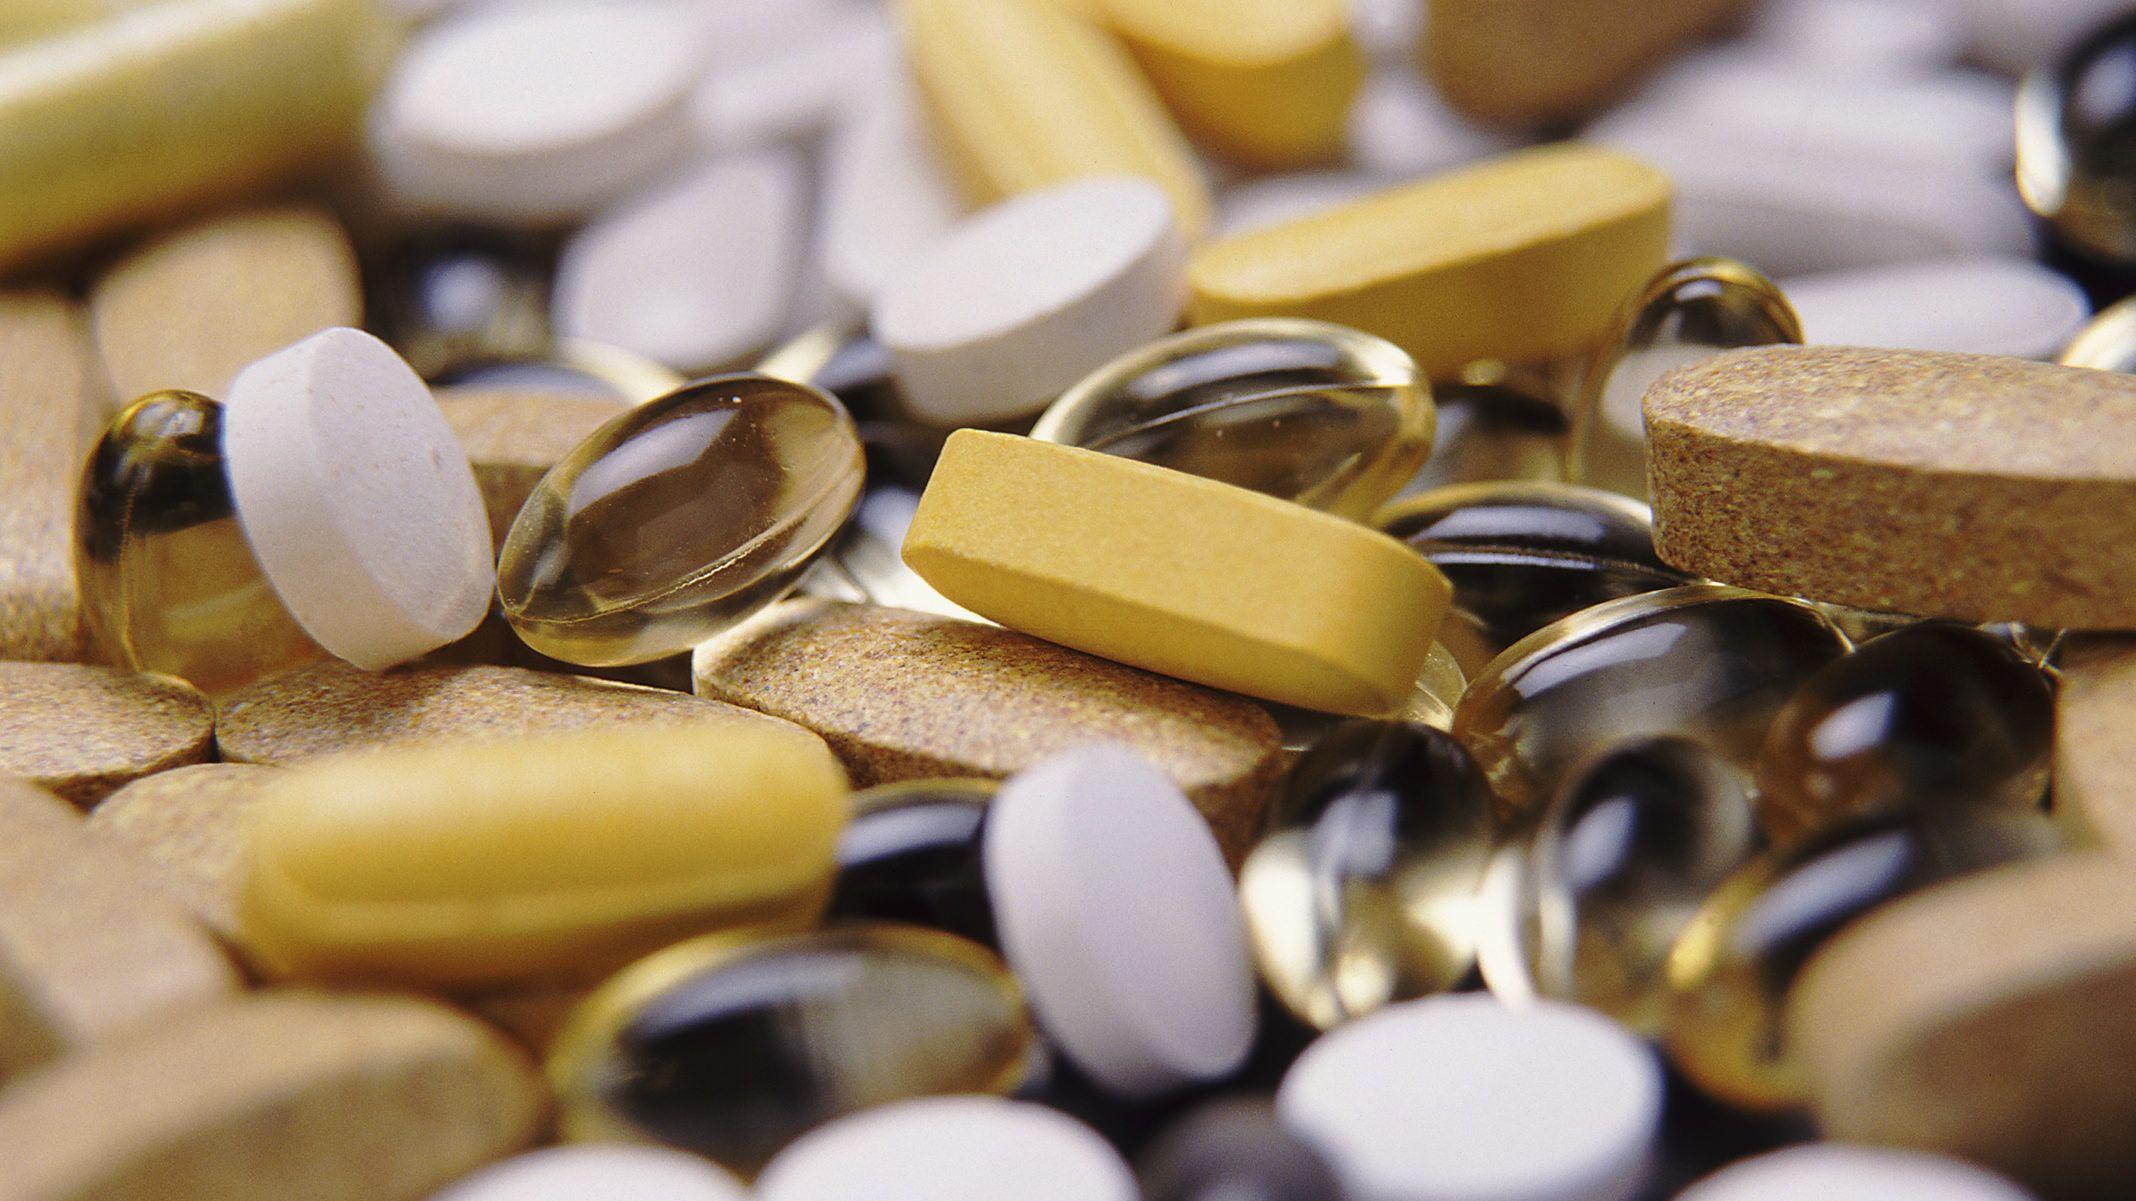 Sok új gyógyszer van a pikkelysömör enyhítésére - Patika Magazin Online